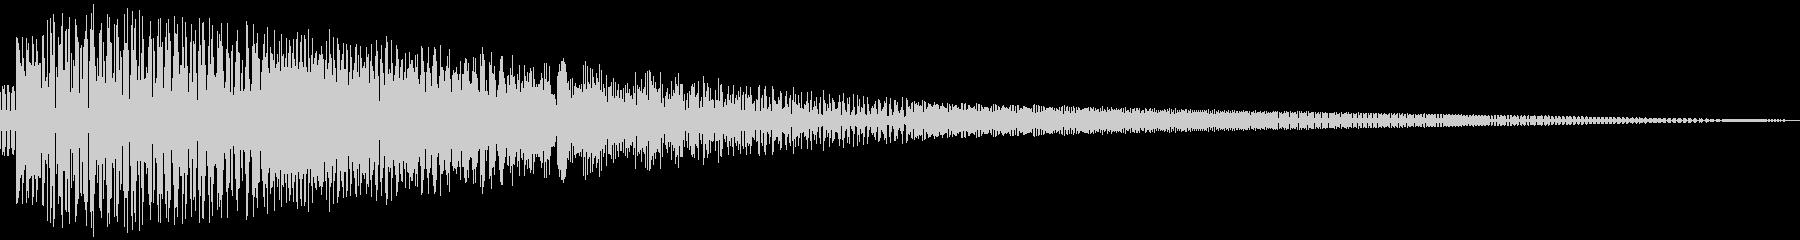 ビコン(かわいい/ピコピコ音/ショットの未再生の波形